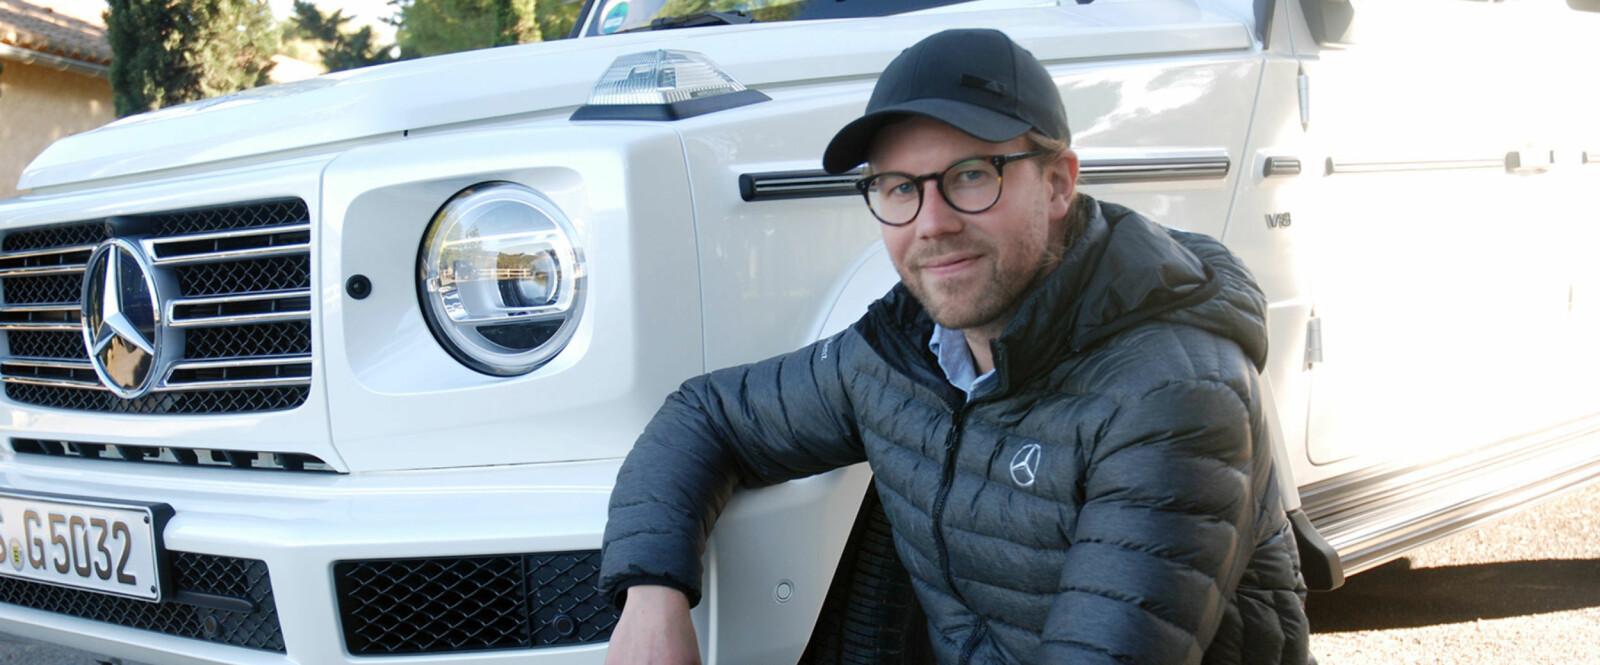 <b>DIESEL ER IKKE DØD: </b>Det er mye snakk om elbil og ladbare hybrider i Norge om dagen. Men det betyr ikke at dieselmotoren er død. Langt i fra, mener PR- og informasjonssjef, Audun Hermansen hos den norske importøren.